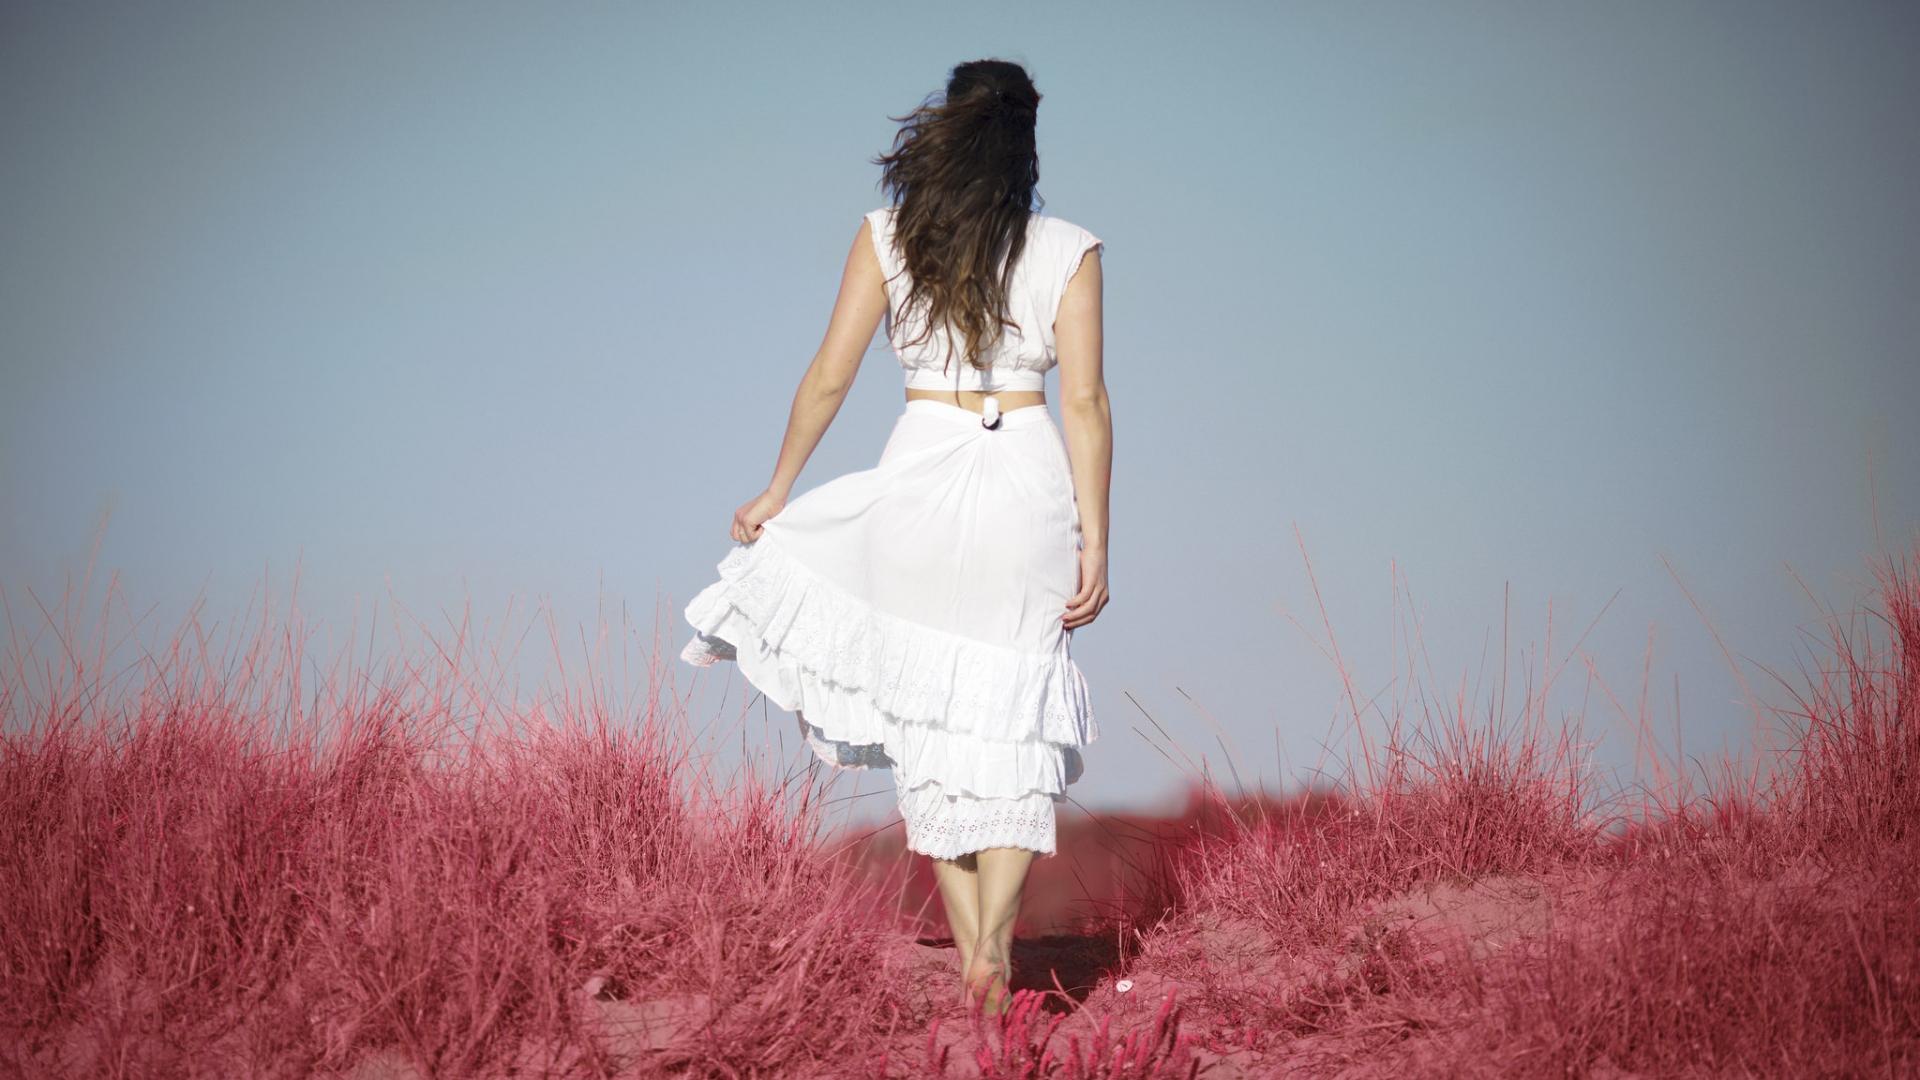 Una chica de espaldas - 1920x1080